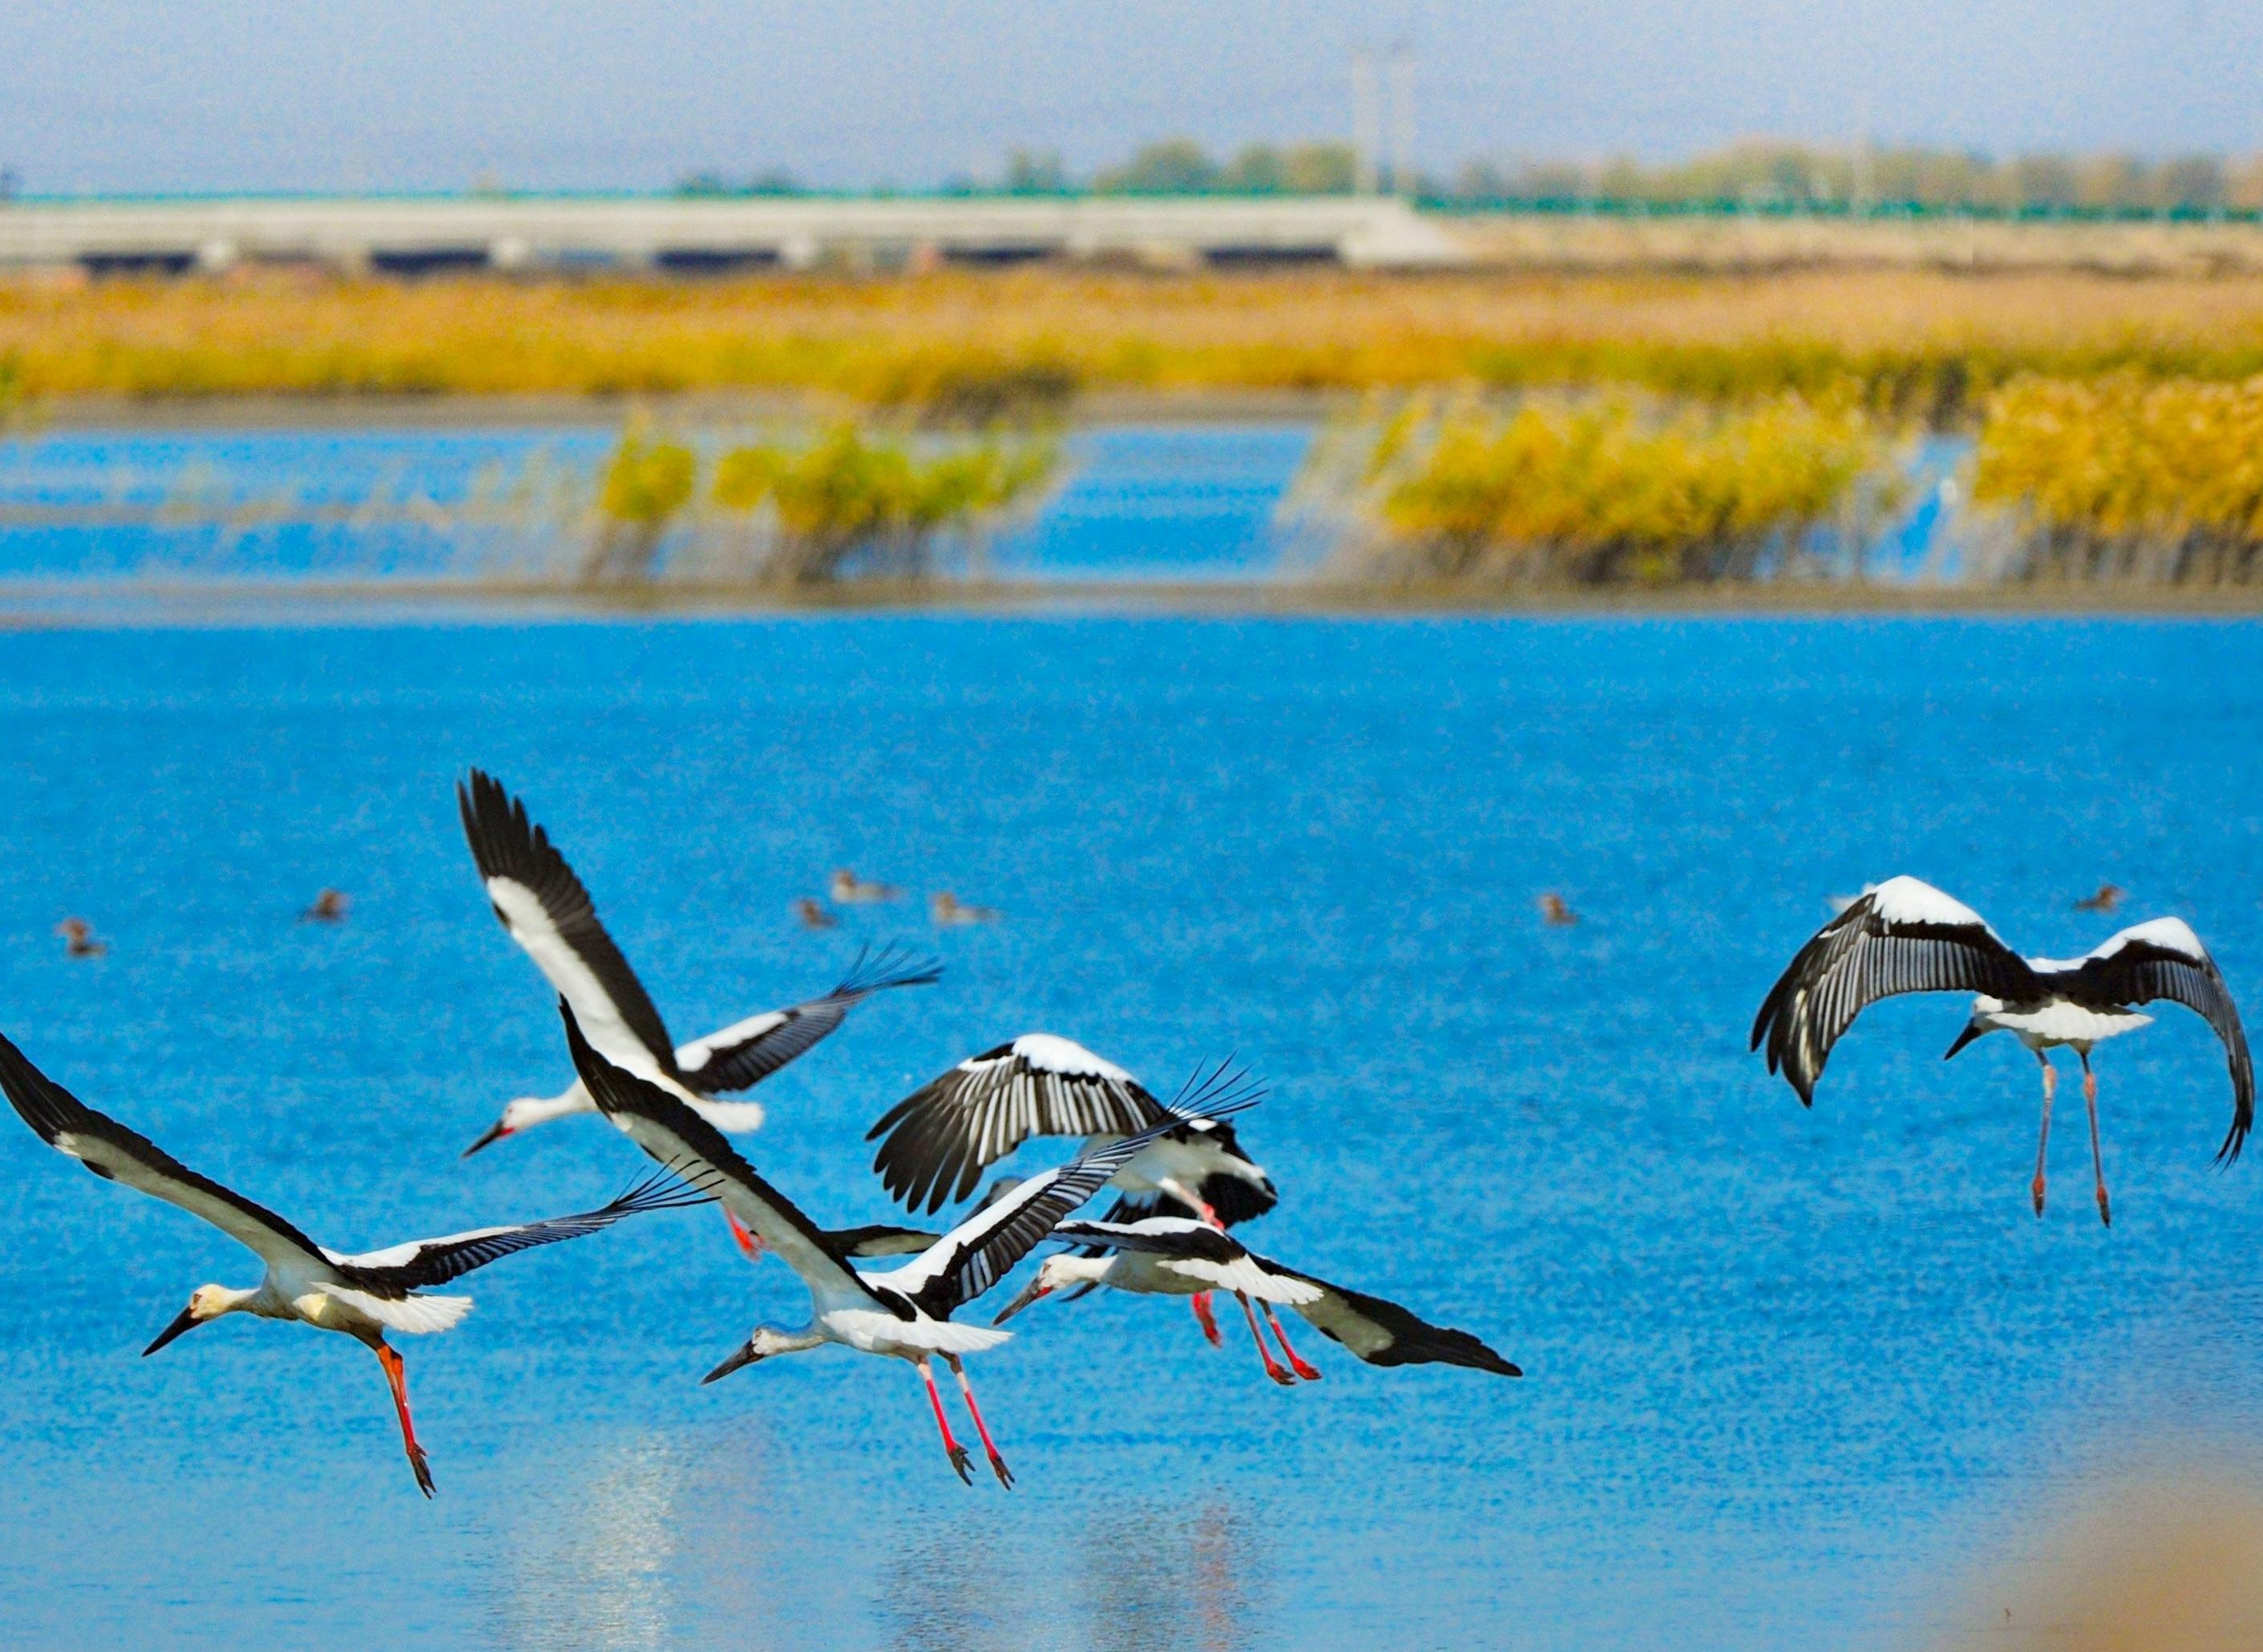 """具有""""百湖之城""""美誉的大庆,更成为各种鸟类的乐园,生态一年比一年好,每年都会有国家一级保护动物东方白鹳来到大庆繁衍生息。"""